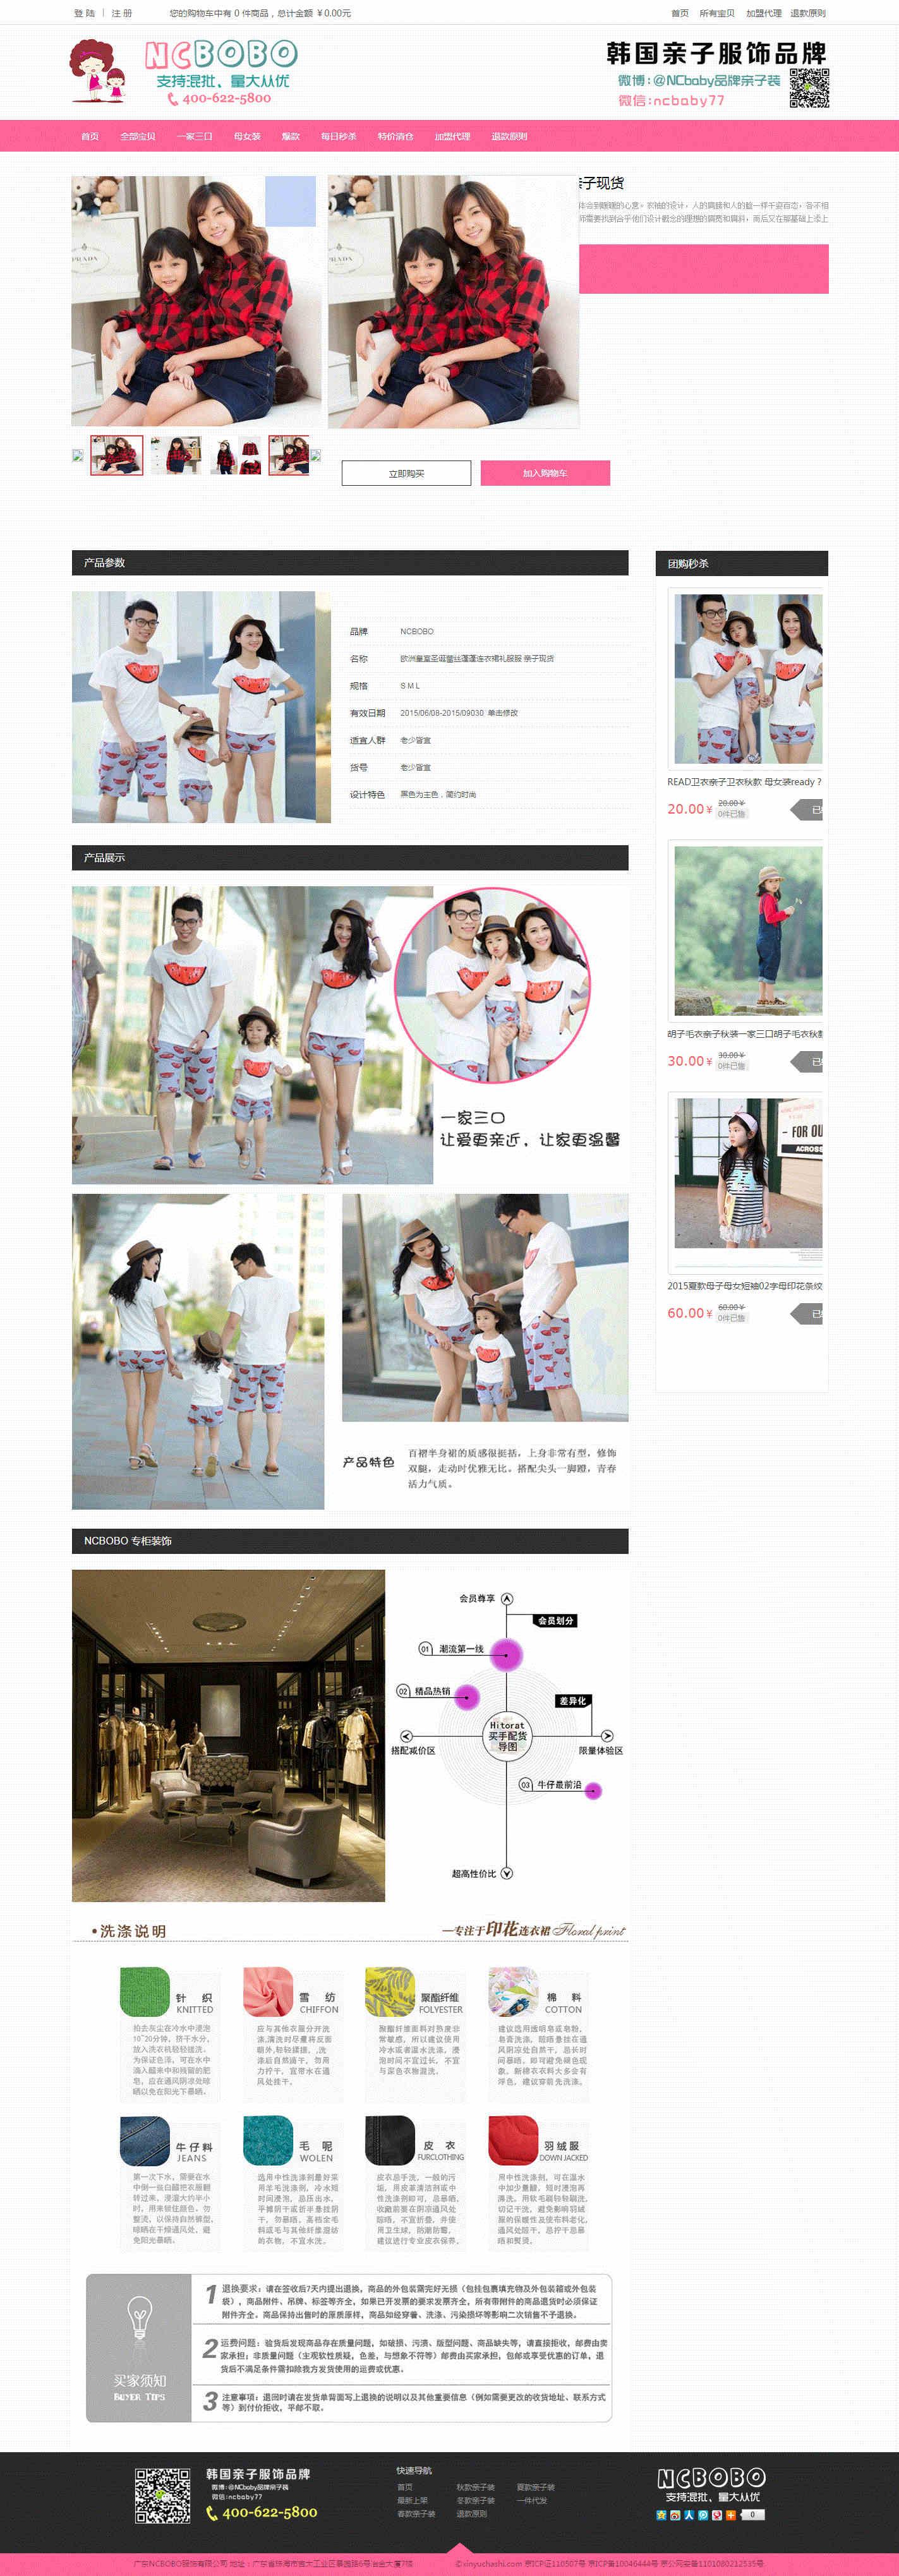 网站内容页